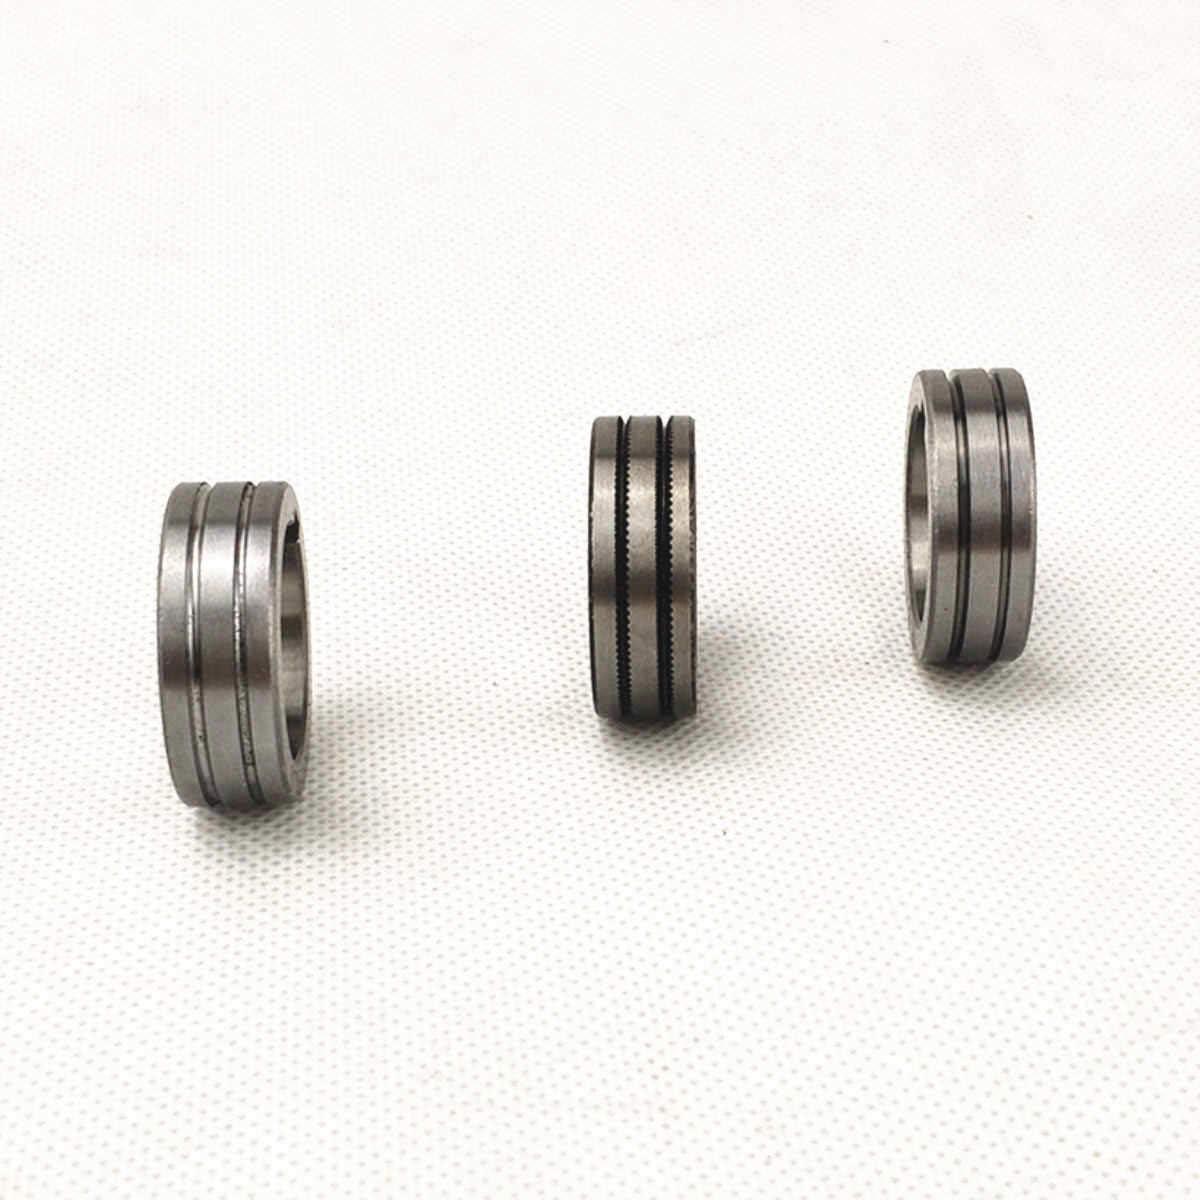 Poste /à souder Mig Fil dalimentation pour rouleau V U K Molette Groove pour 0.8/1.0/1.2/mm Acier Aluminium Cordon de flux de soudure Fil Feeder Rouleau